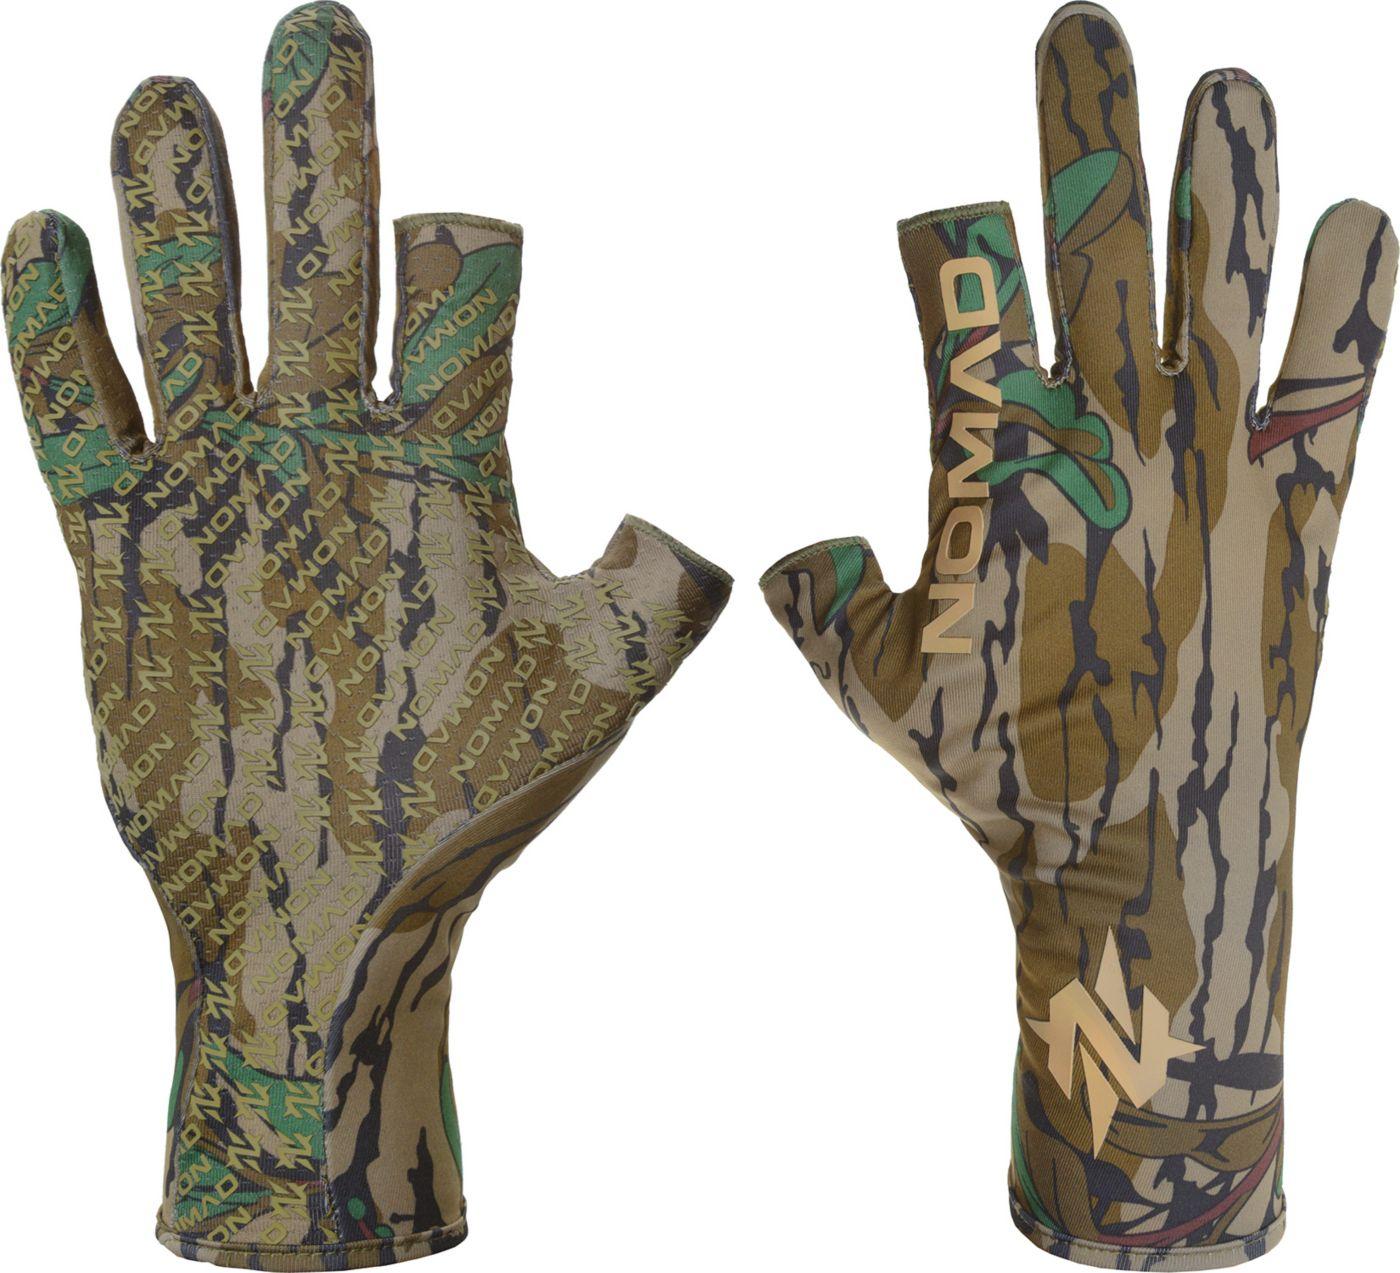 NOMAD Men's Fingerless Turkey Gloves